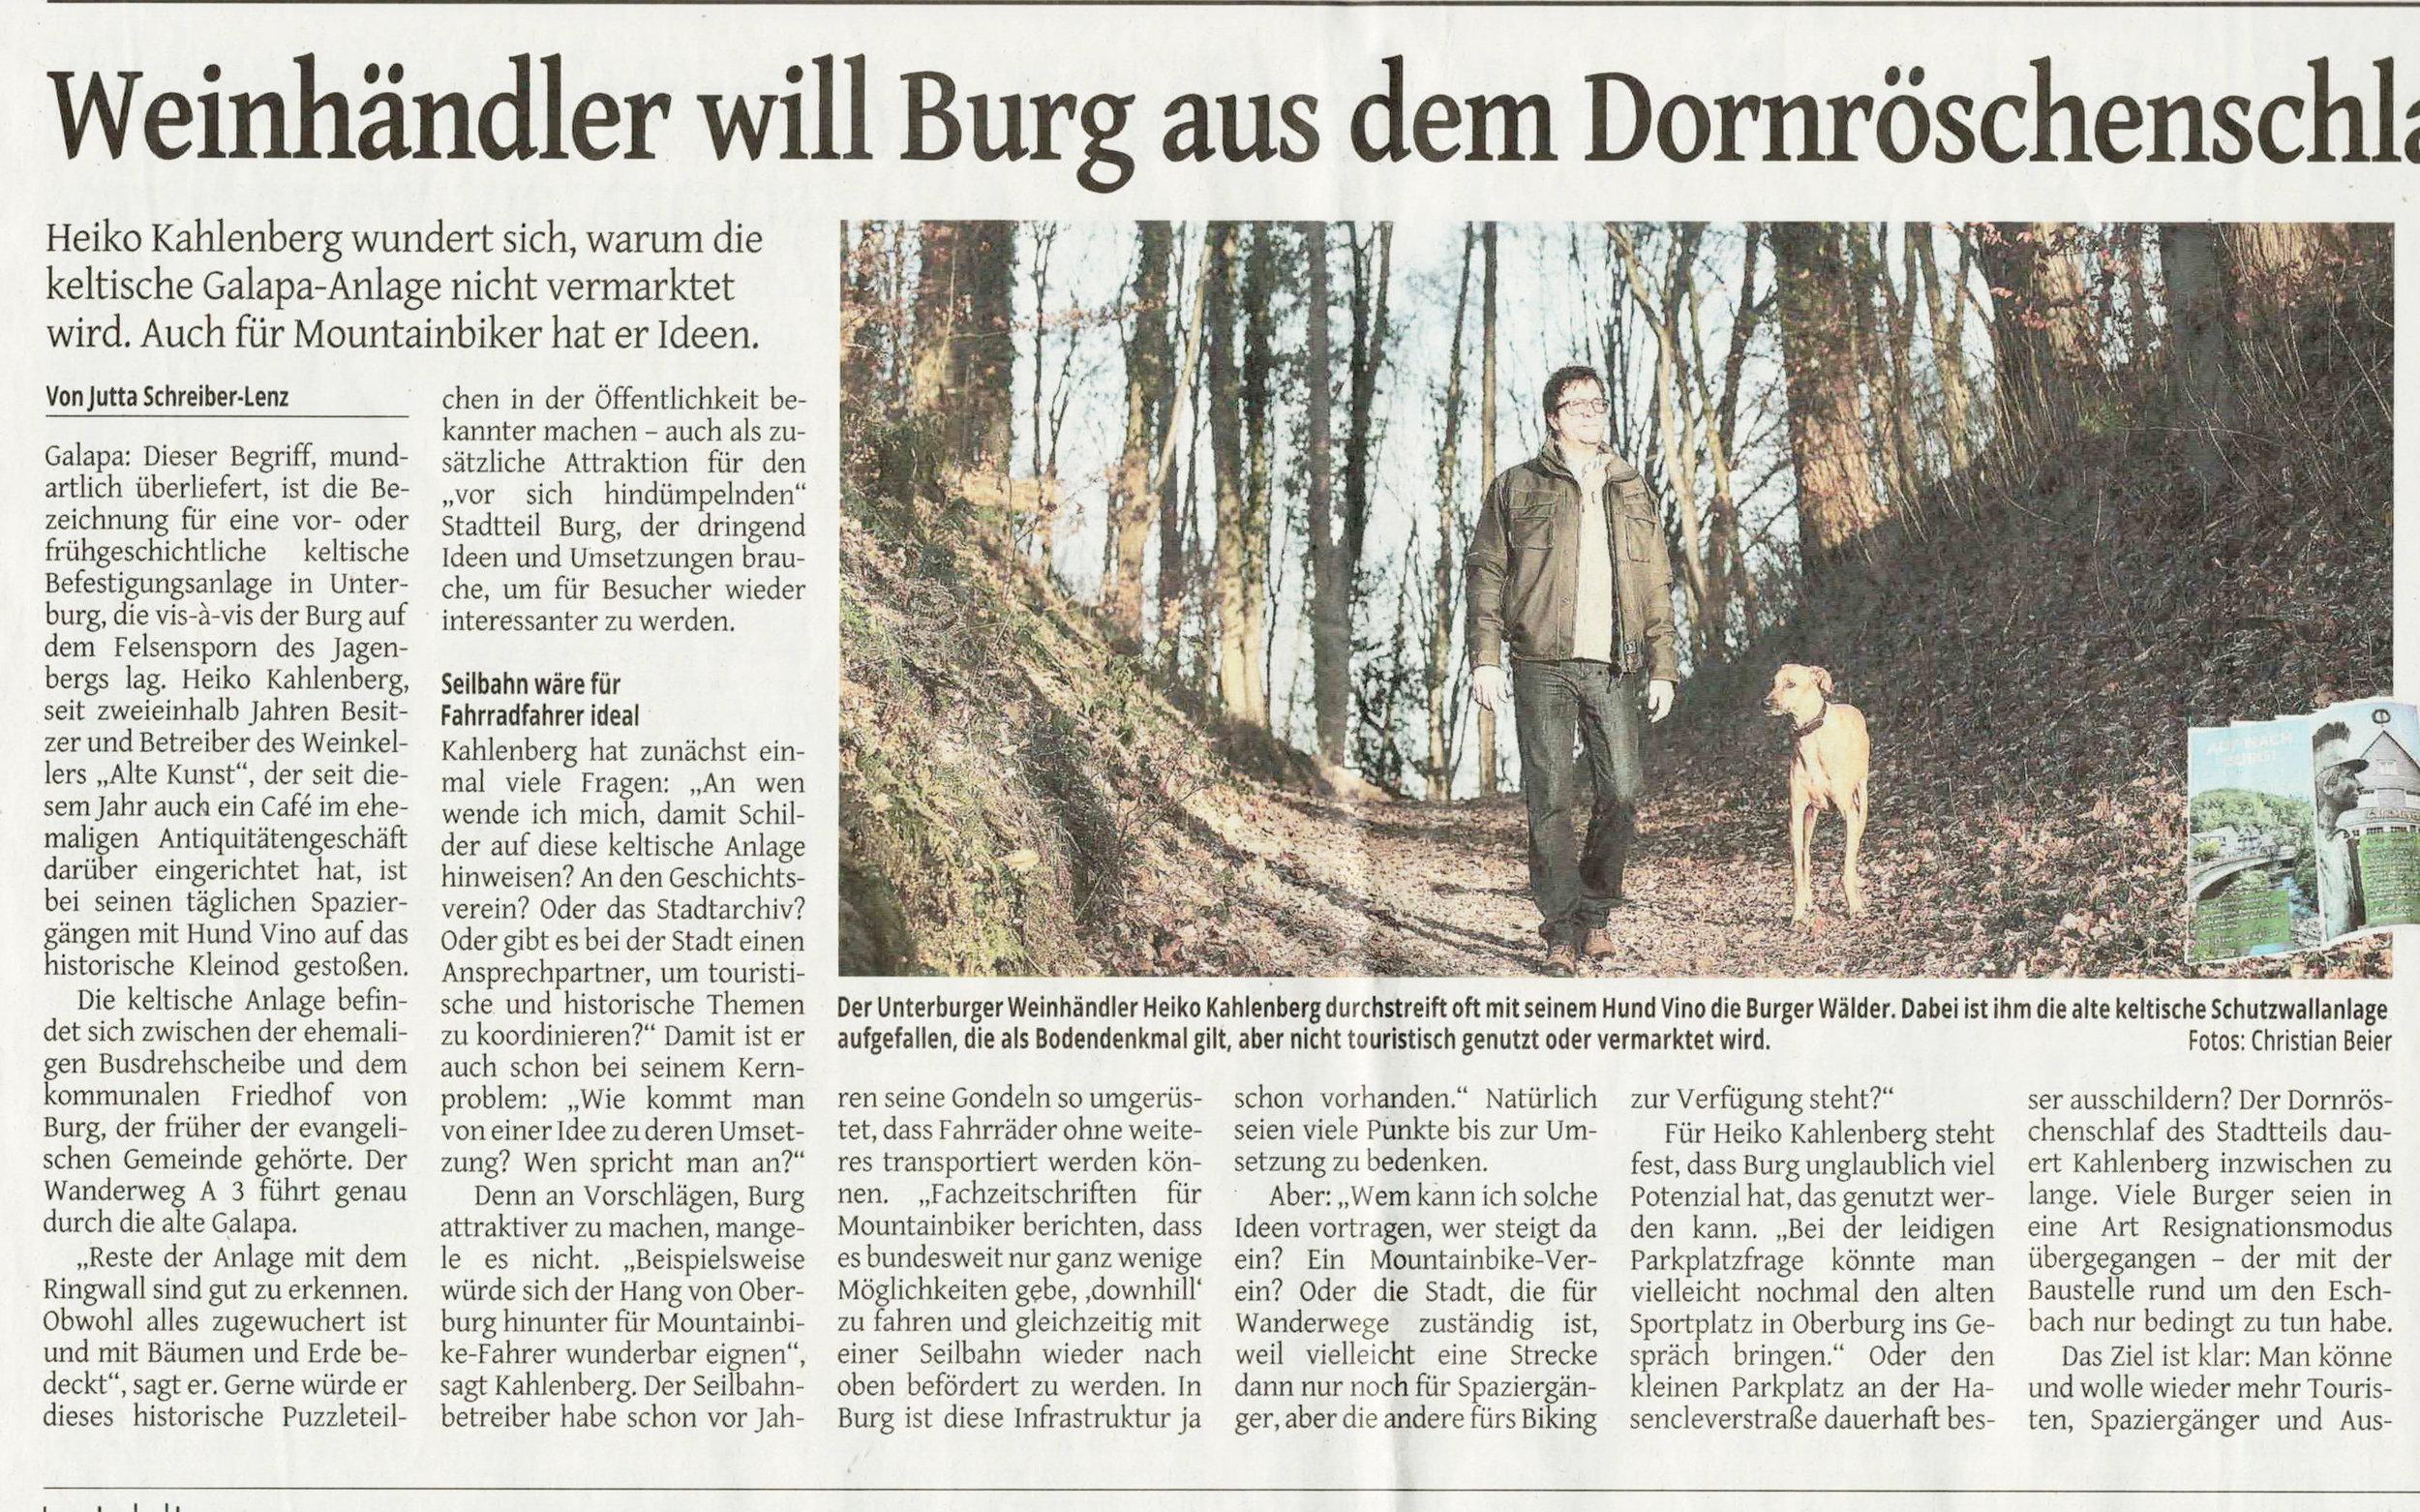 Alte_Kunst_Zeitungsartikel_2.jpg